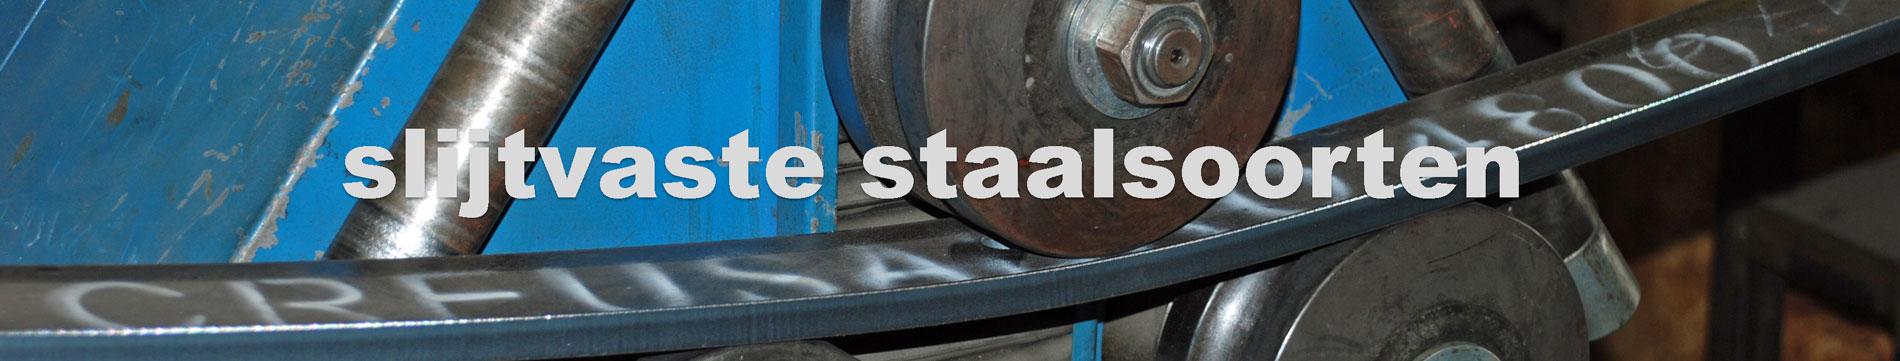 slijtvaste staalsoorten